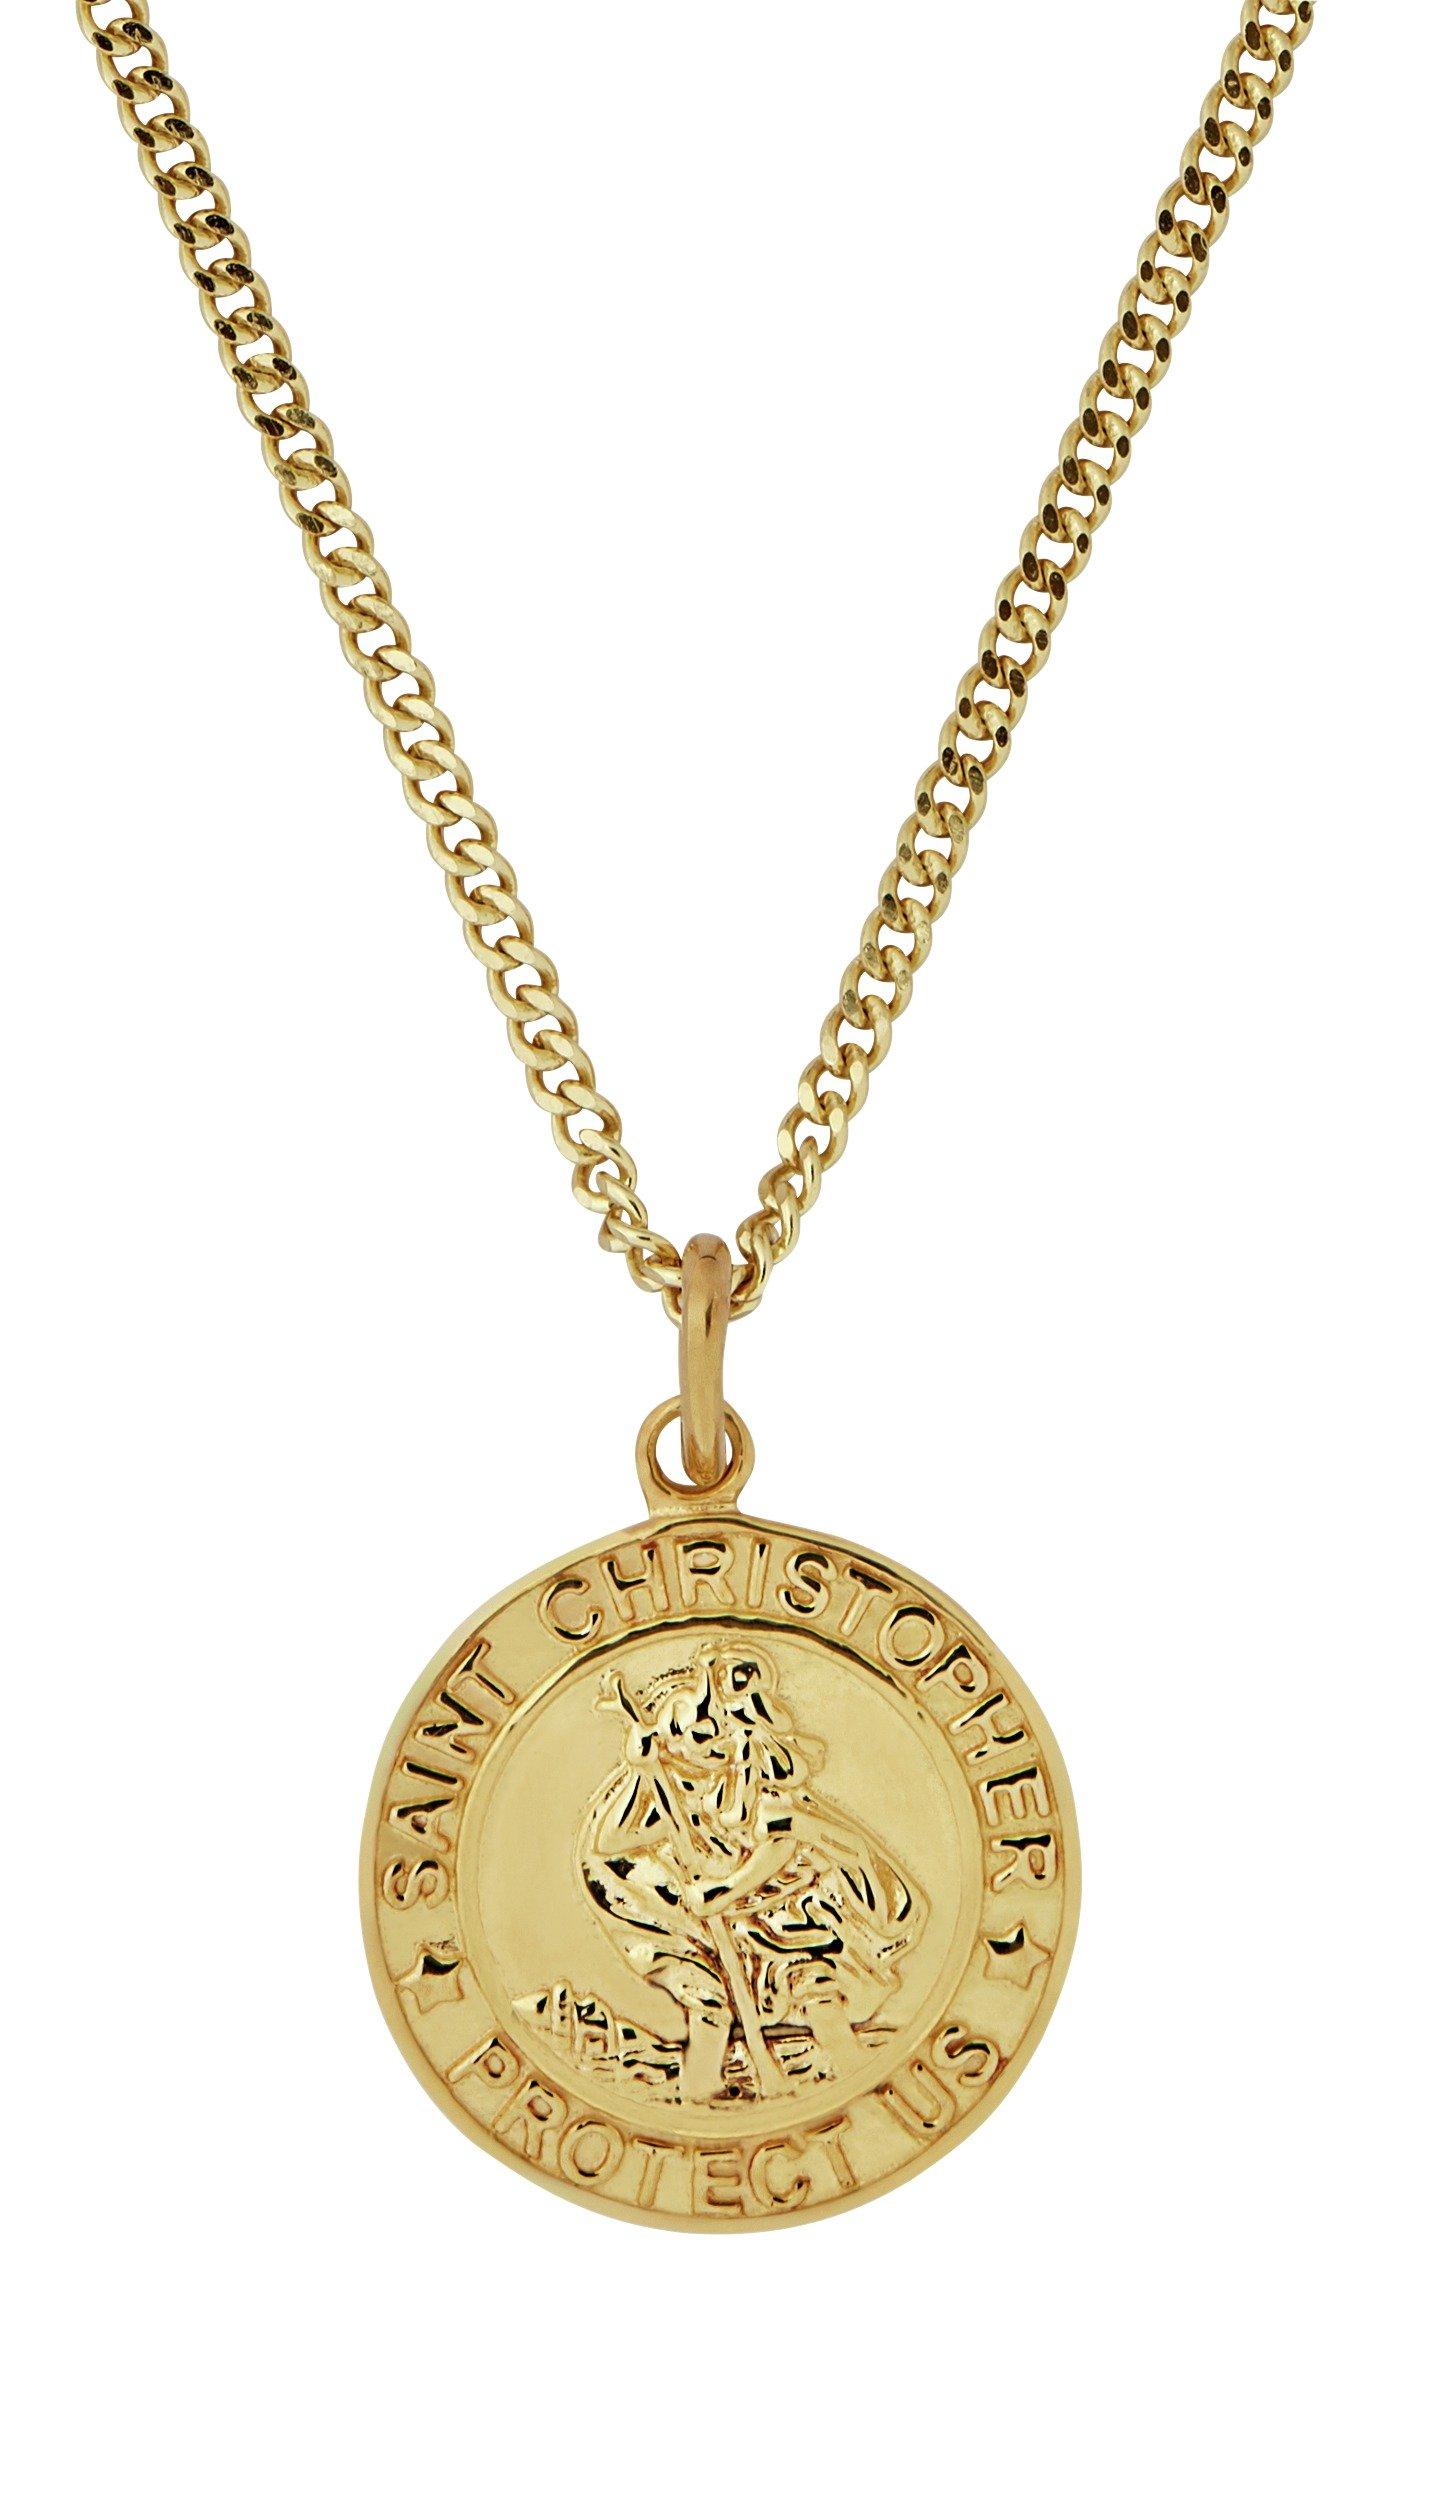 Revere Men's 9ct Gold Plated St. Christopher Pendant